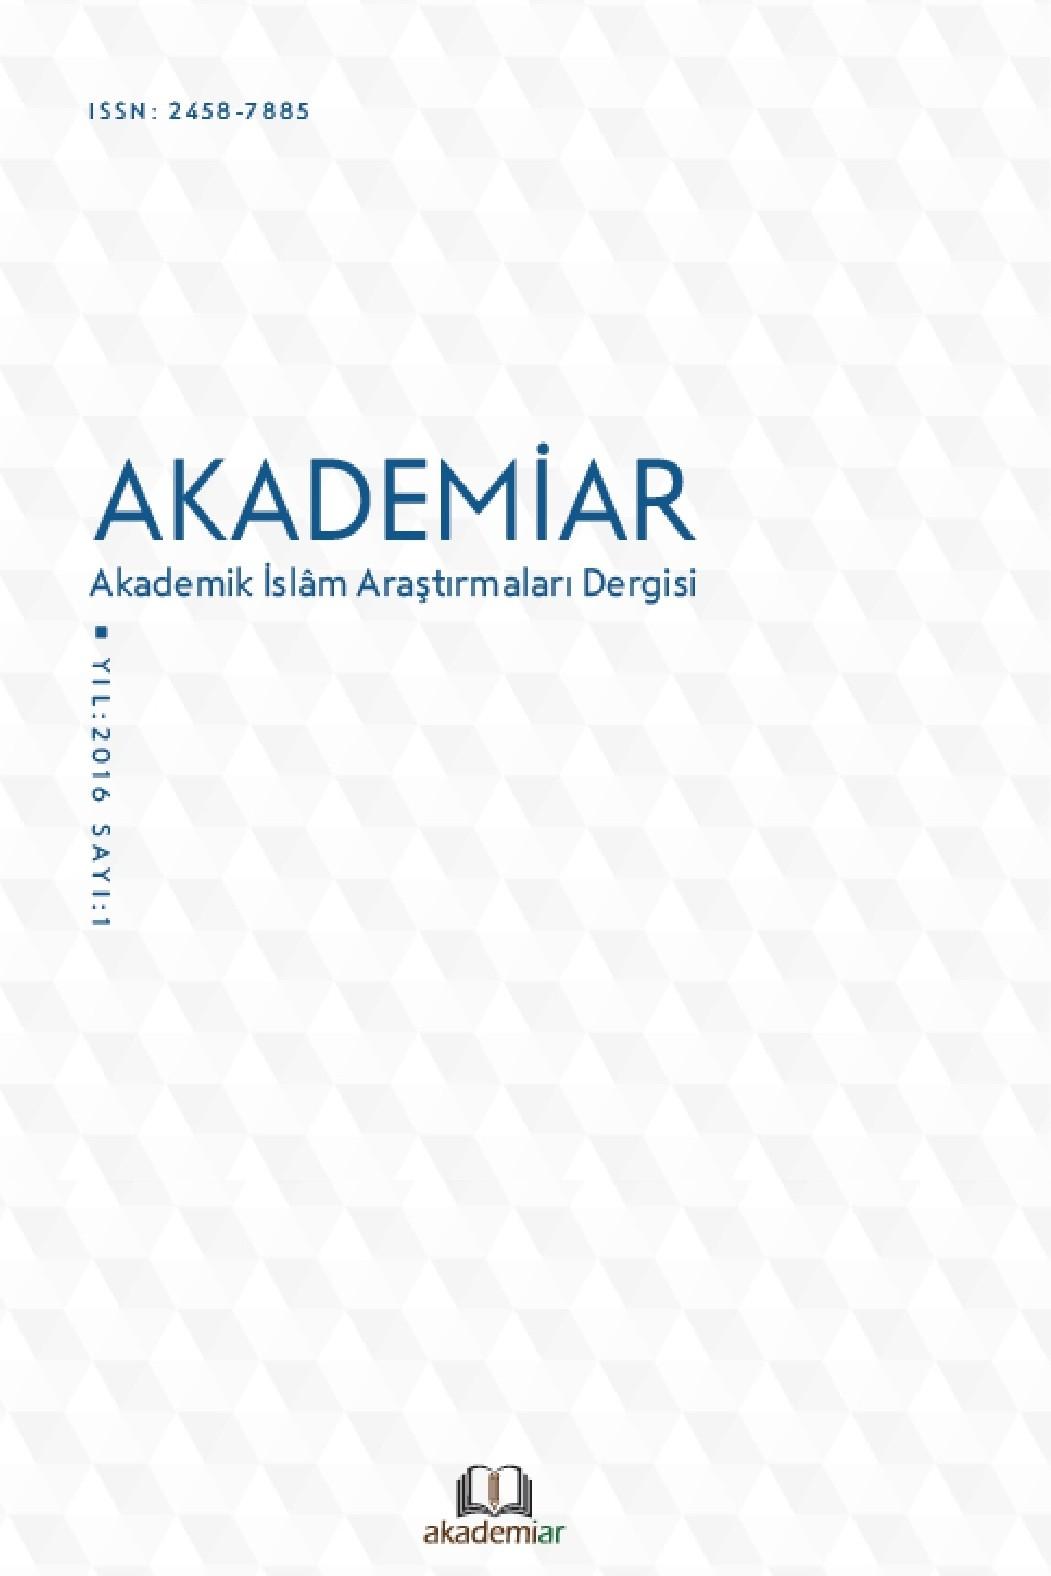 AKADEMİAR Akademik İslam Araştırmaları Dergisi